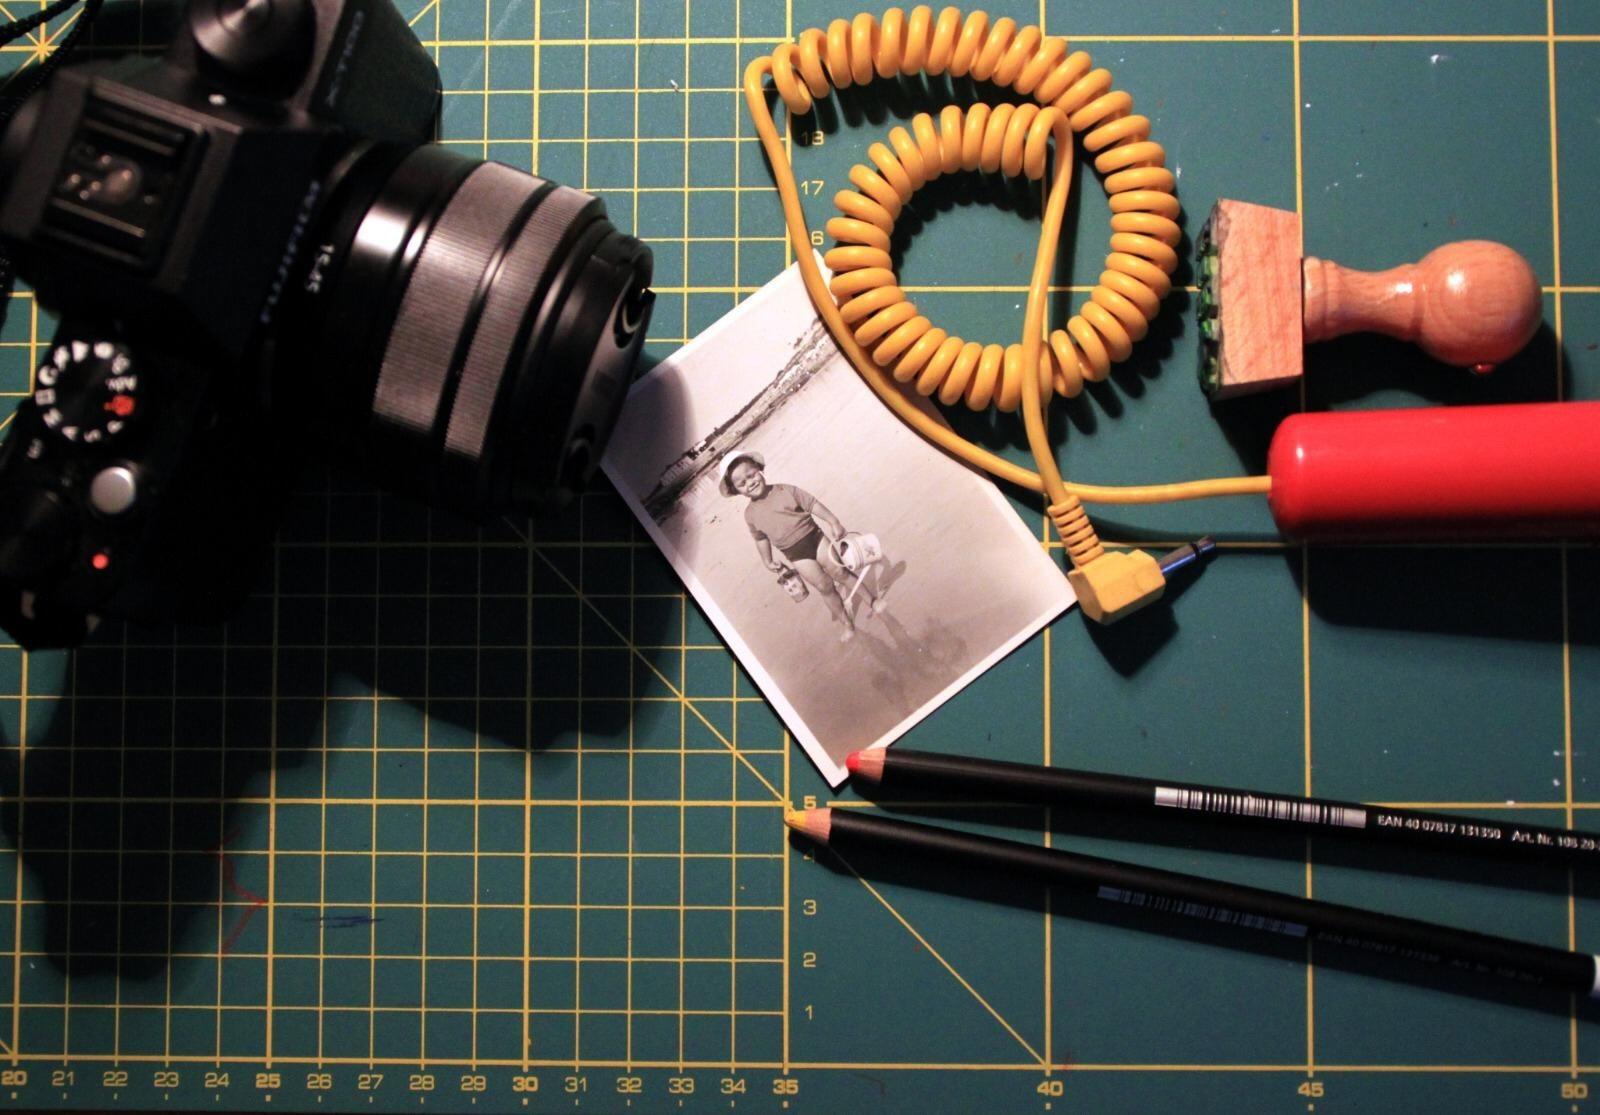 Fotografia com maquina fotografia, cabo de telefone, lápis e fotografia antiga.